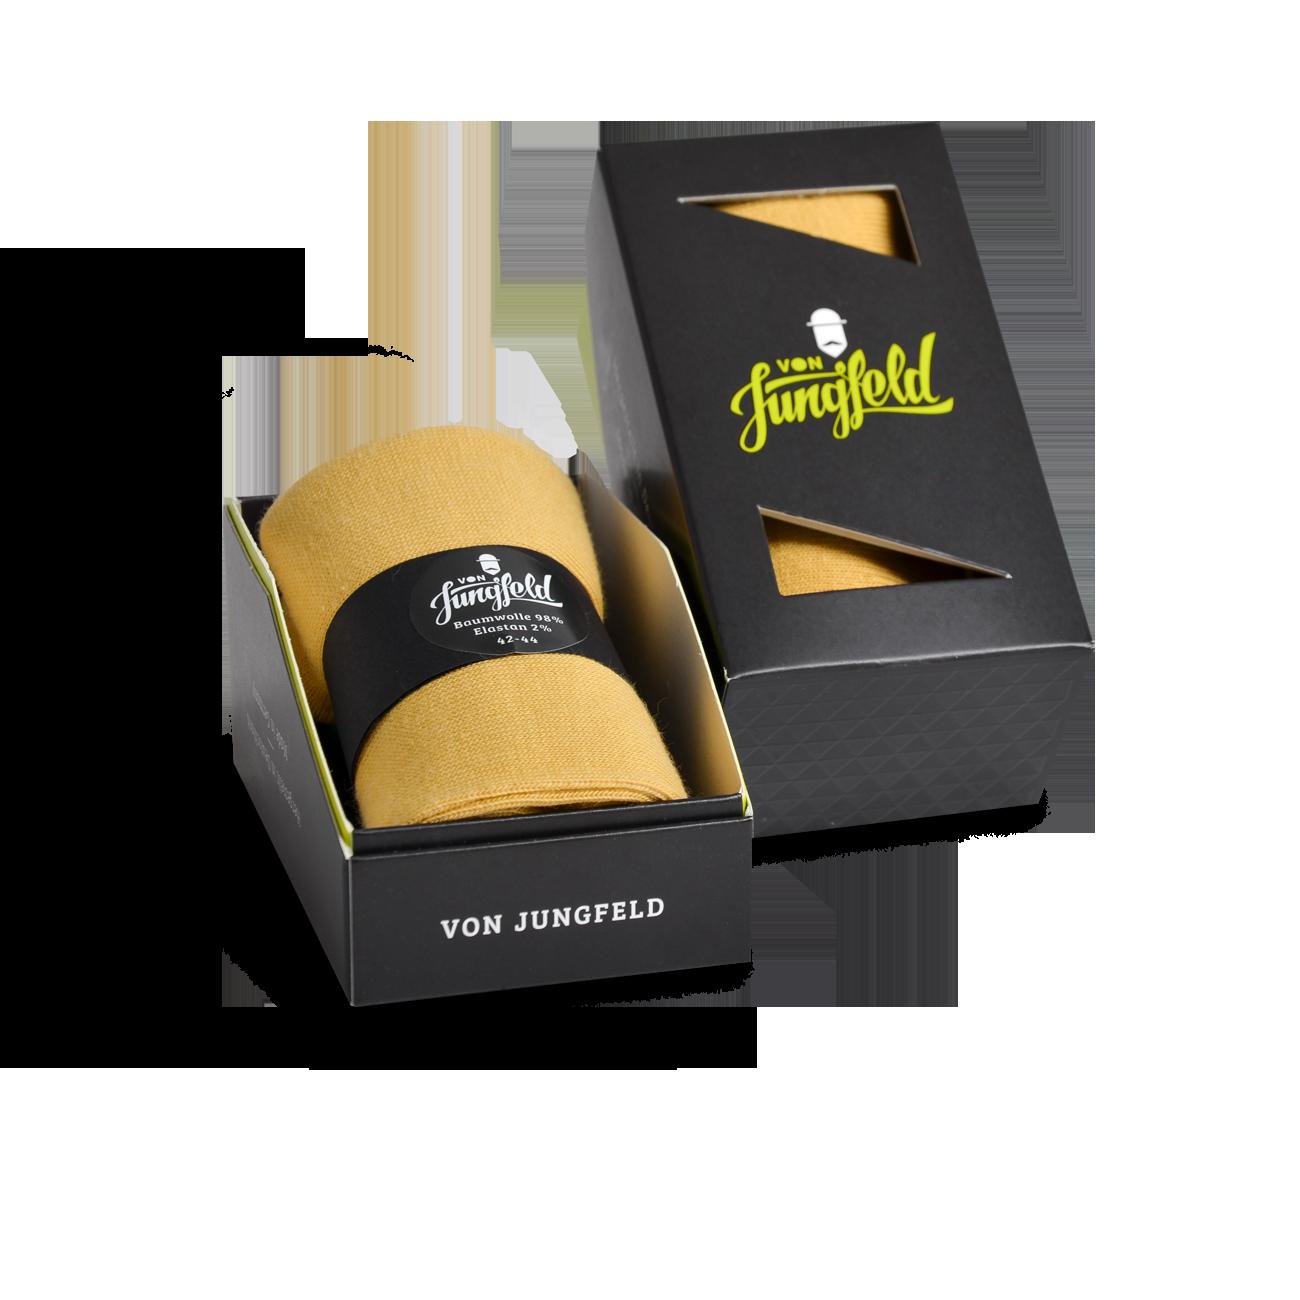 bunte sneakersocken f r m nner online von jungfeld von jungfeld bunte und farbige. Black Bedroom Furniture Sets. Home Design Ideas